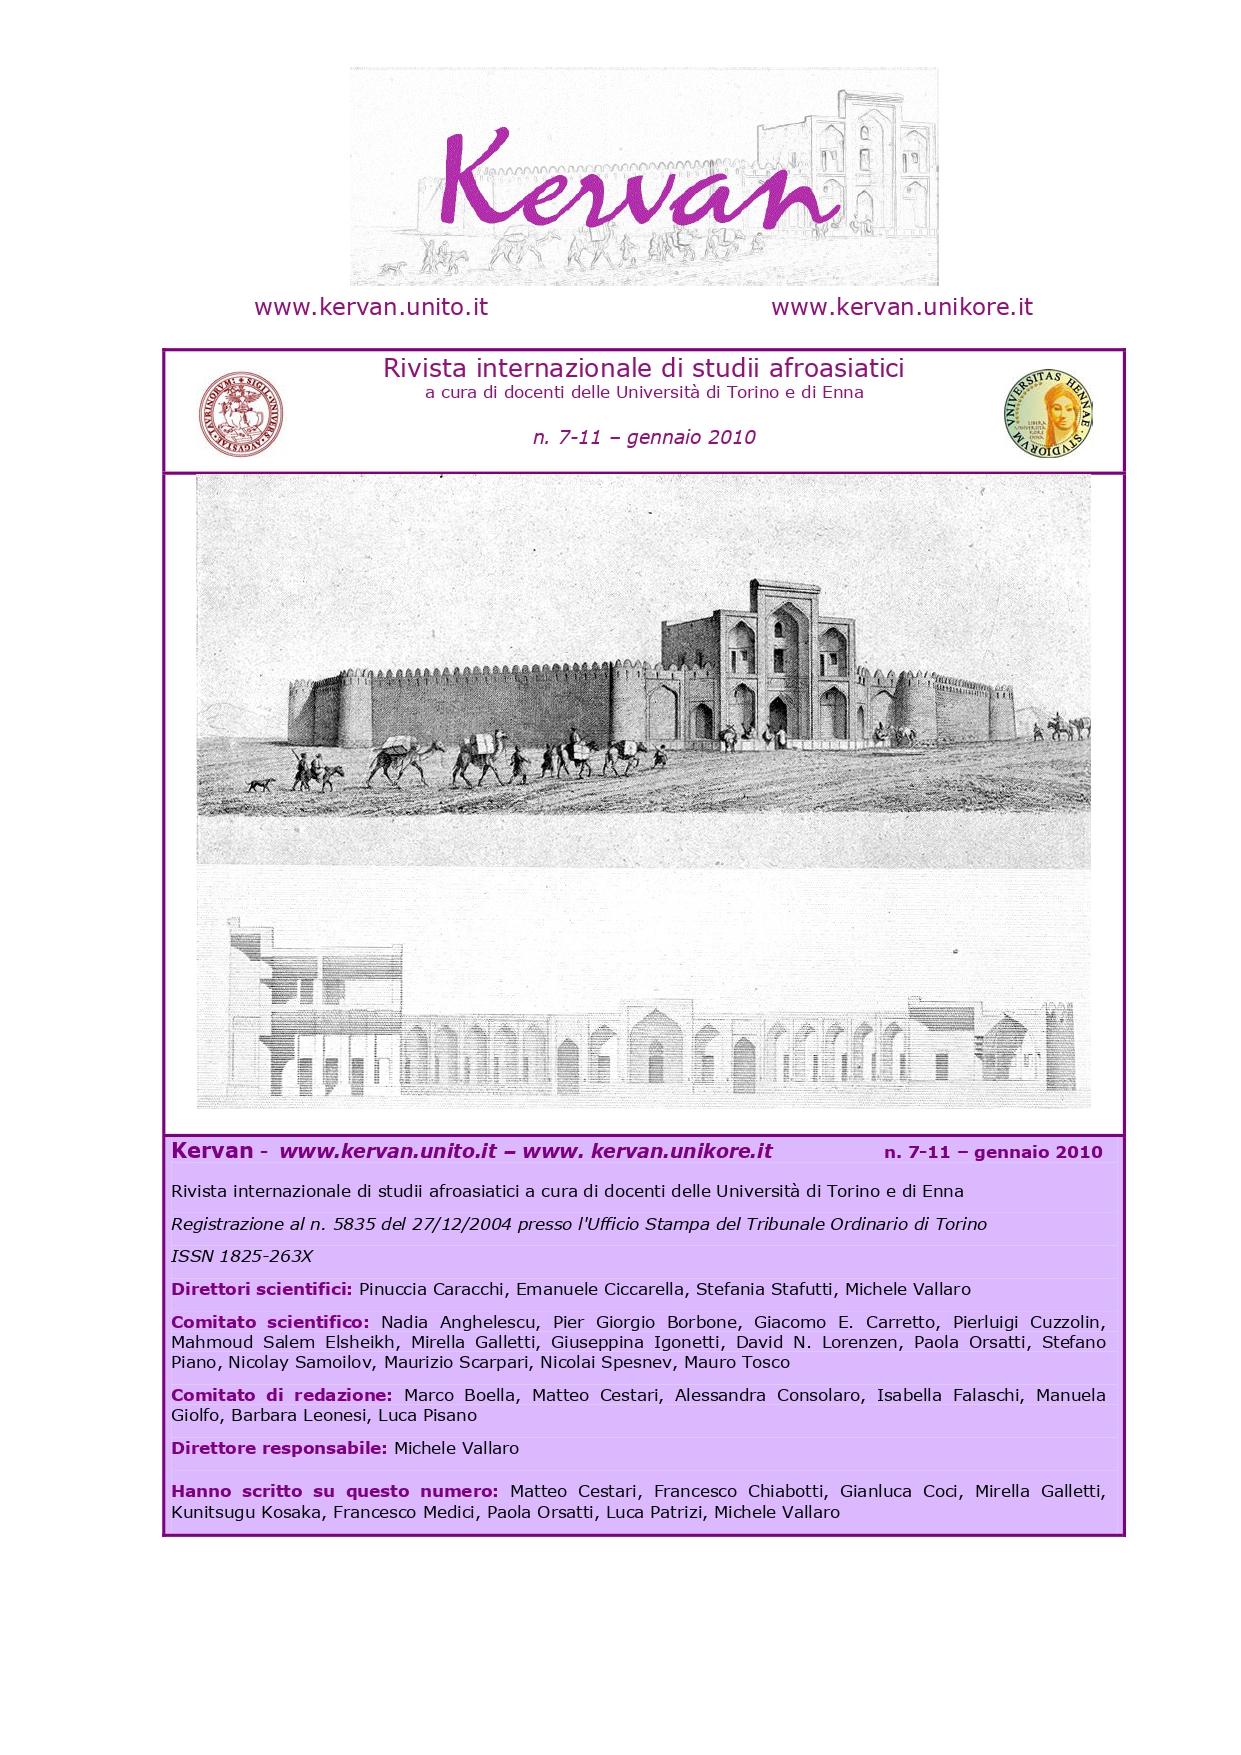 """Francesco Medici, Un abito arabo per """"Il Profeta"""". Lettere inedite di Kahlil Gibran a Antony Bashir, «Kervan», 7-11, gennaio 2010"""